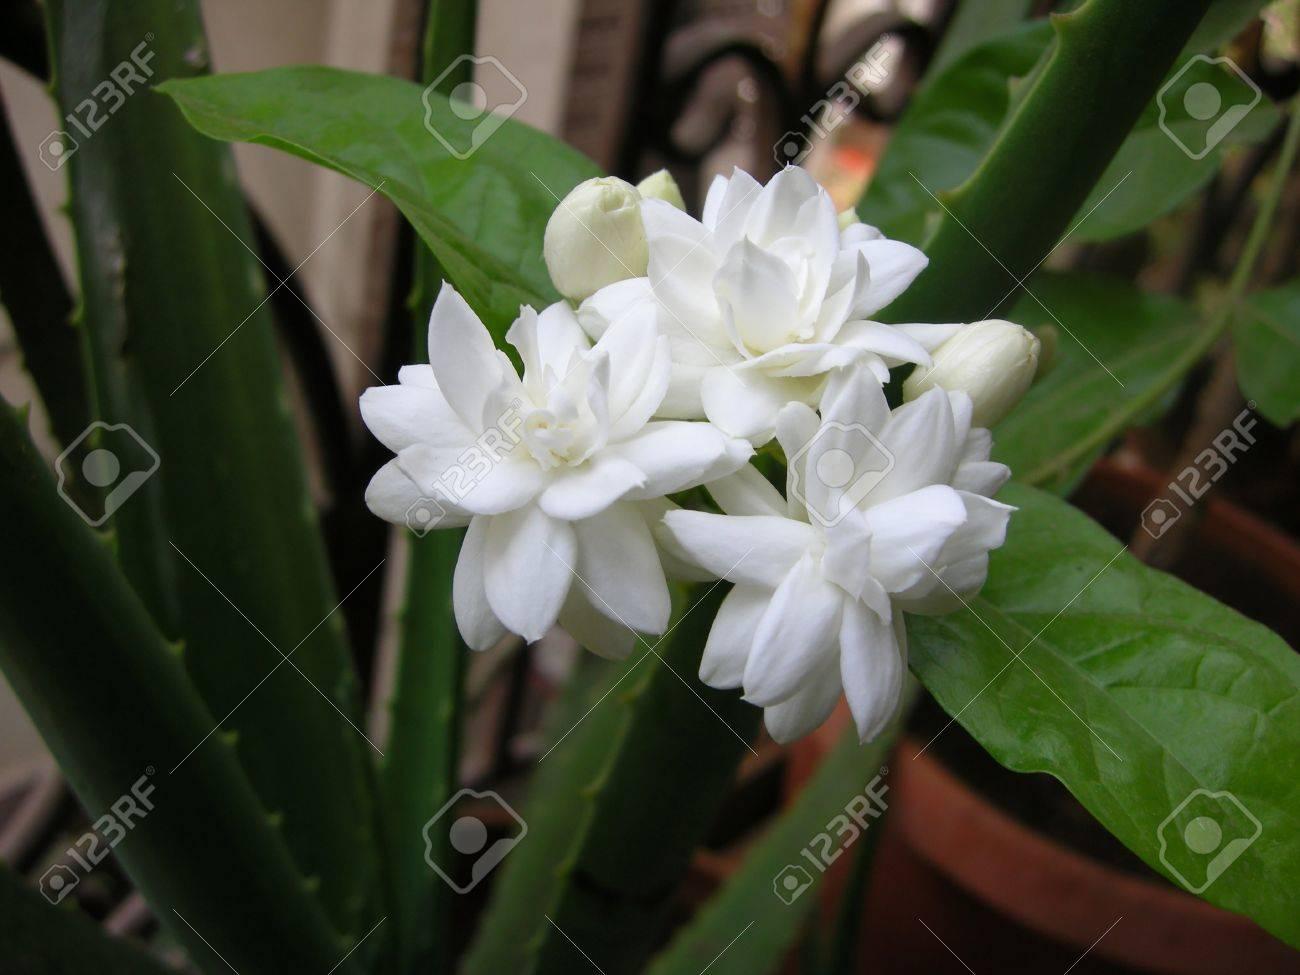 Une Belle Fleur Blanche